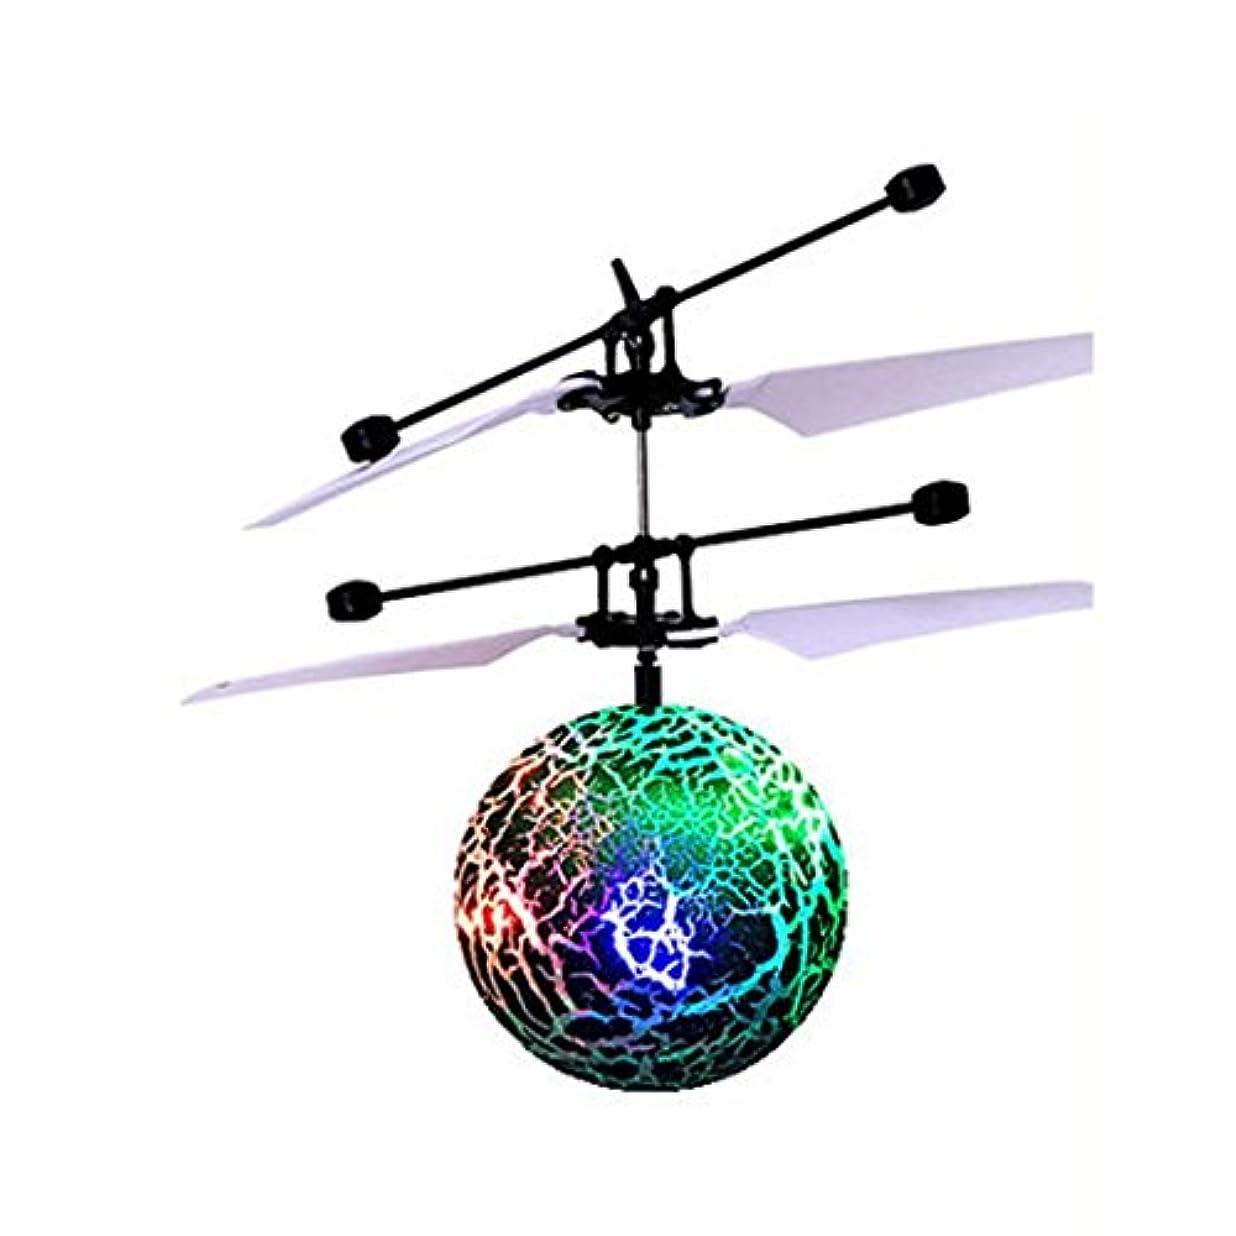 億役に立つアラスカjujunx RCフライングボールドローンヘリコプターボール組み込みシャイニングLED照明Kids Toy As the picture shows